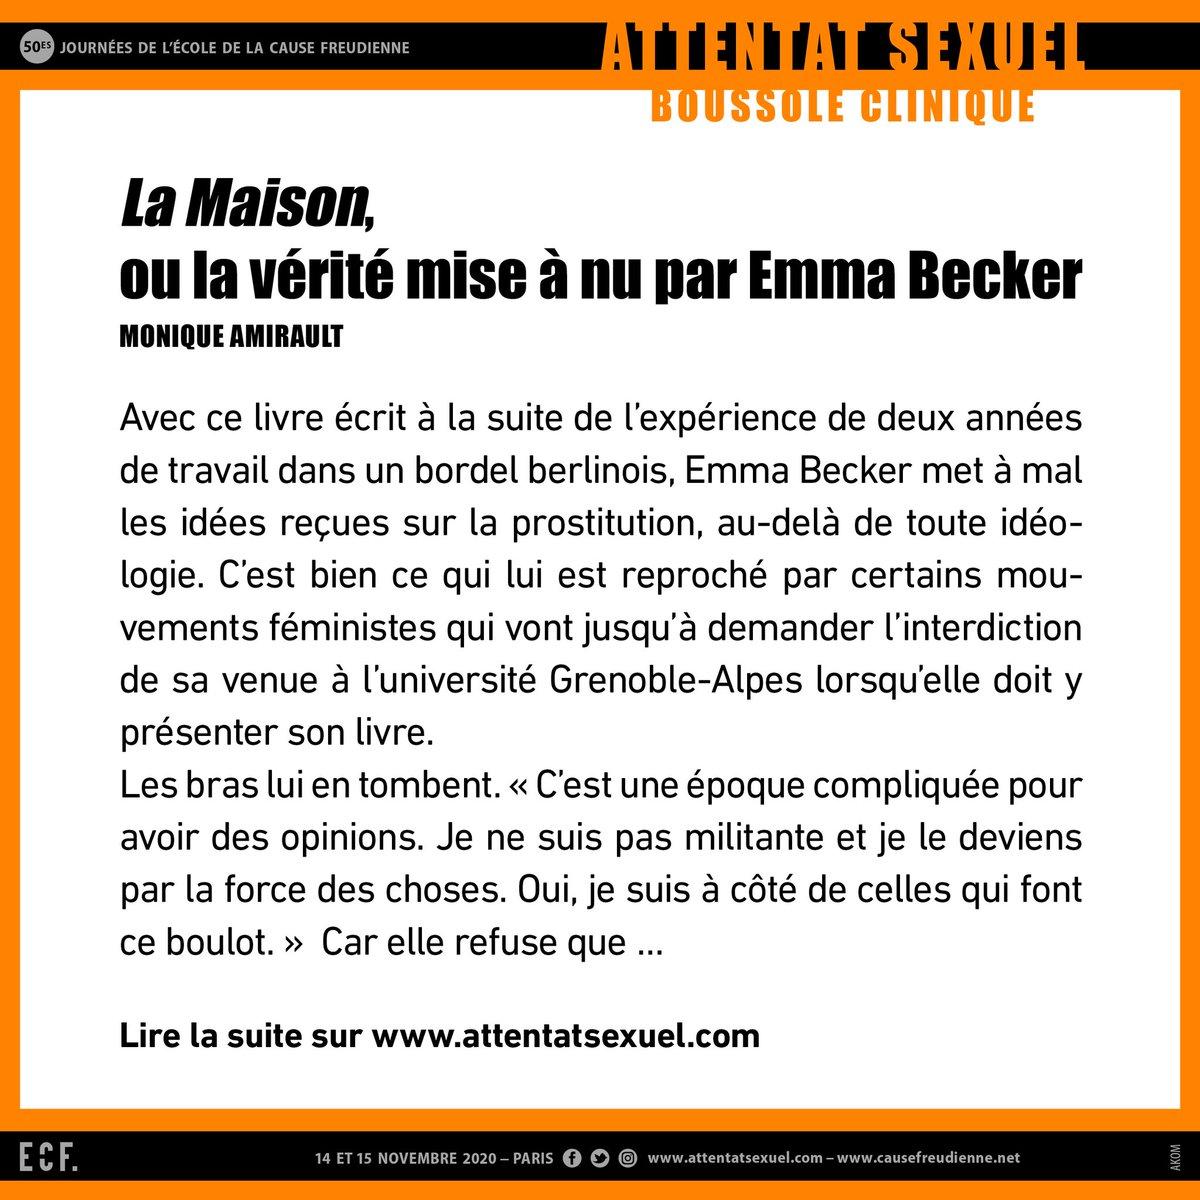 #J50 La boussole clinique de Monique Amirault https://t.co/D320VB1Bb0 https://t.co/2lbHzZWdWr